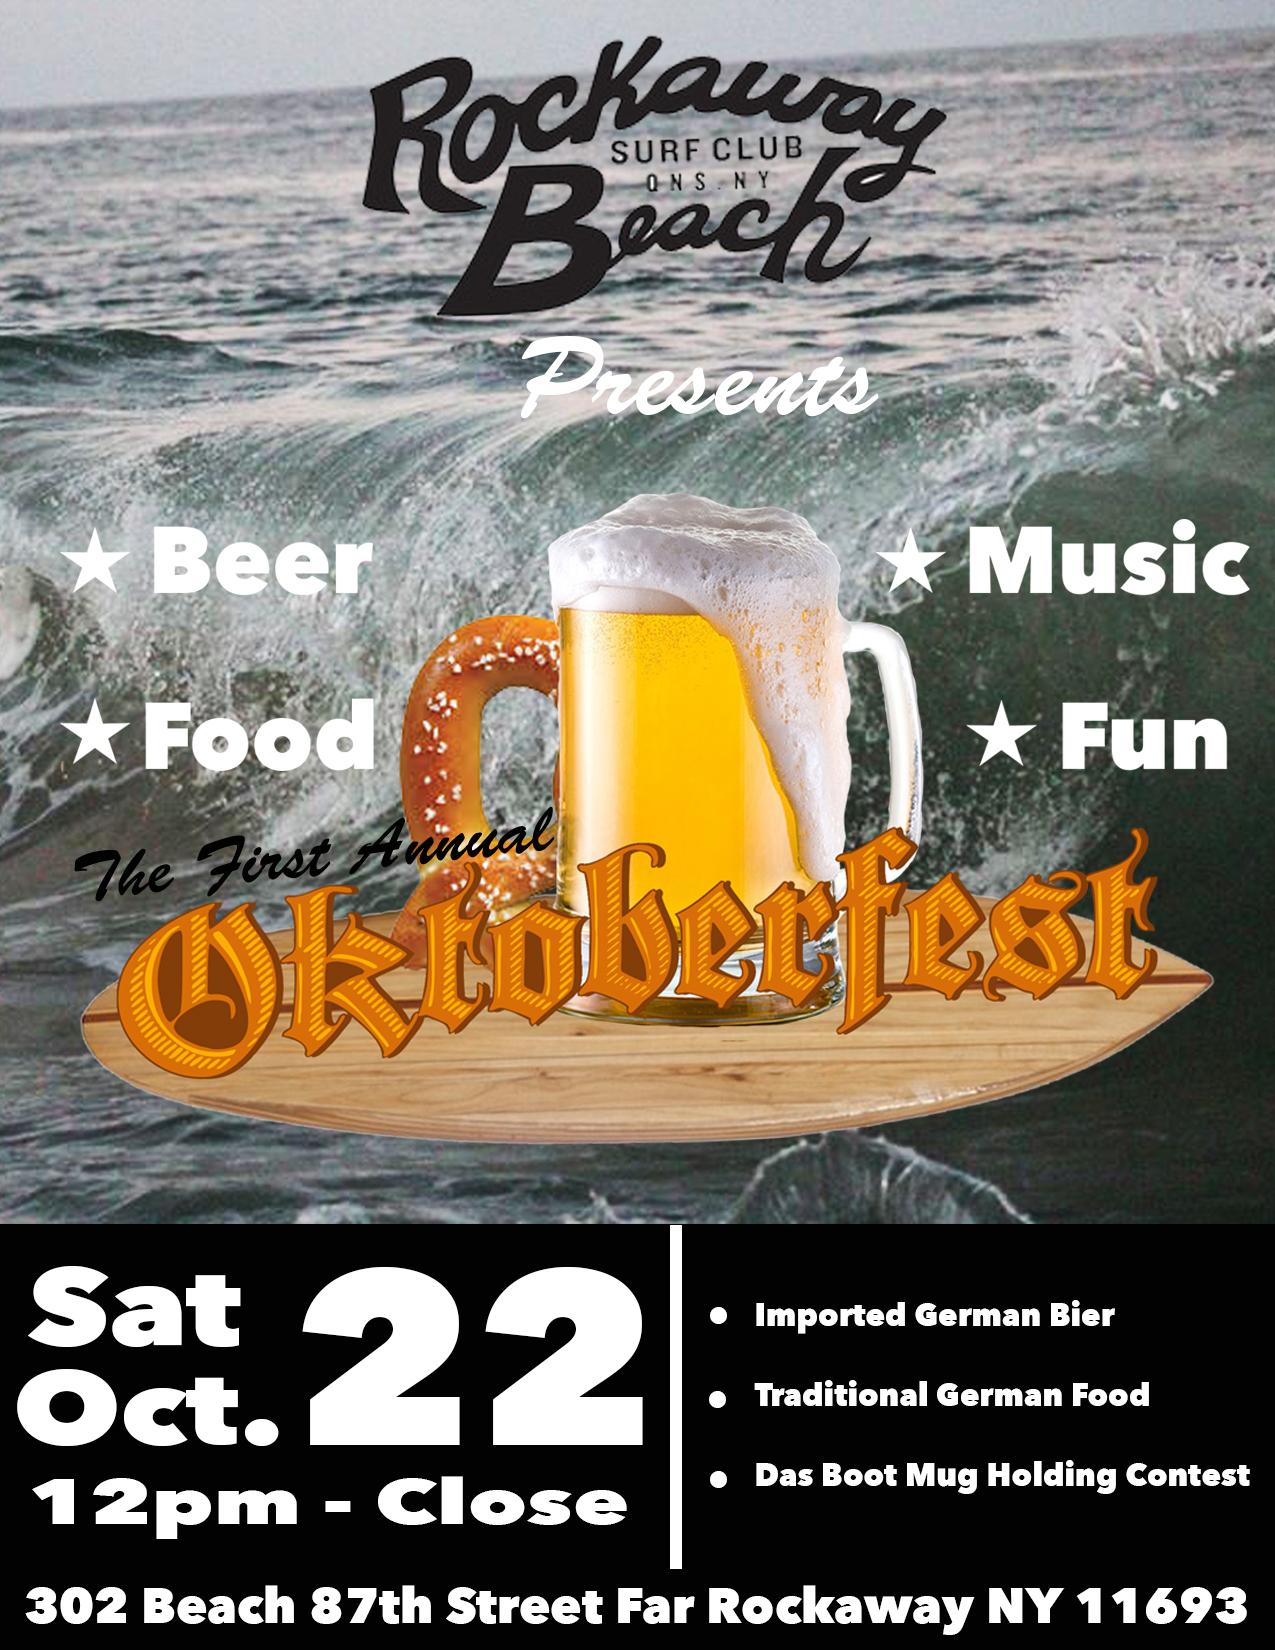 oktoberfest rockaway beach surf club